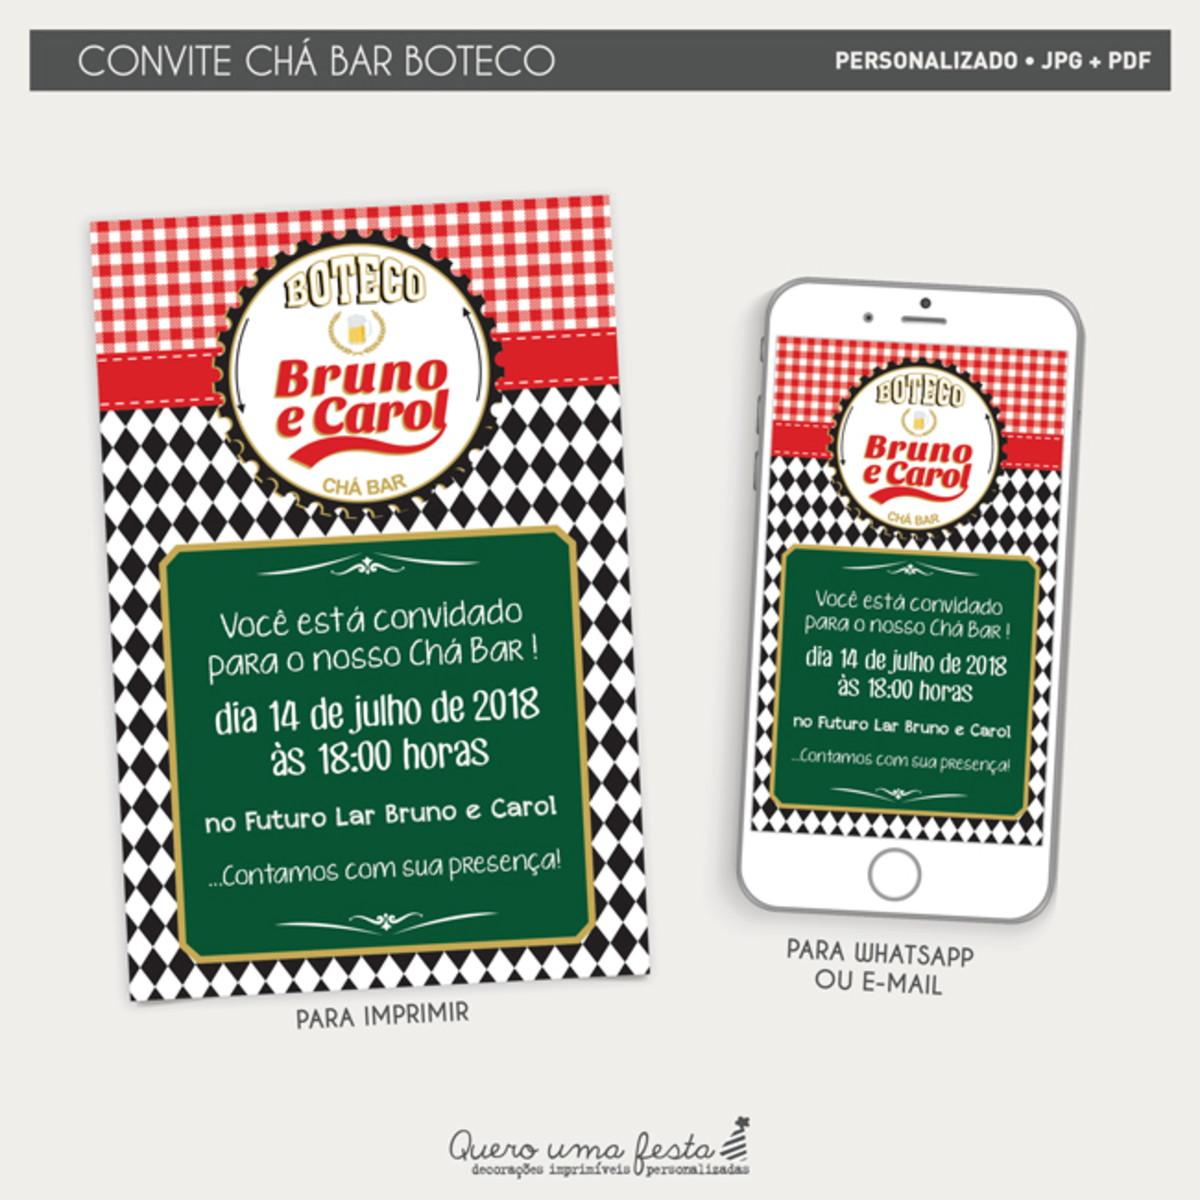 Convite Cha Bar Boteco Arquivo Digital No Elo7 Quero Uma Festa